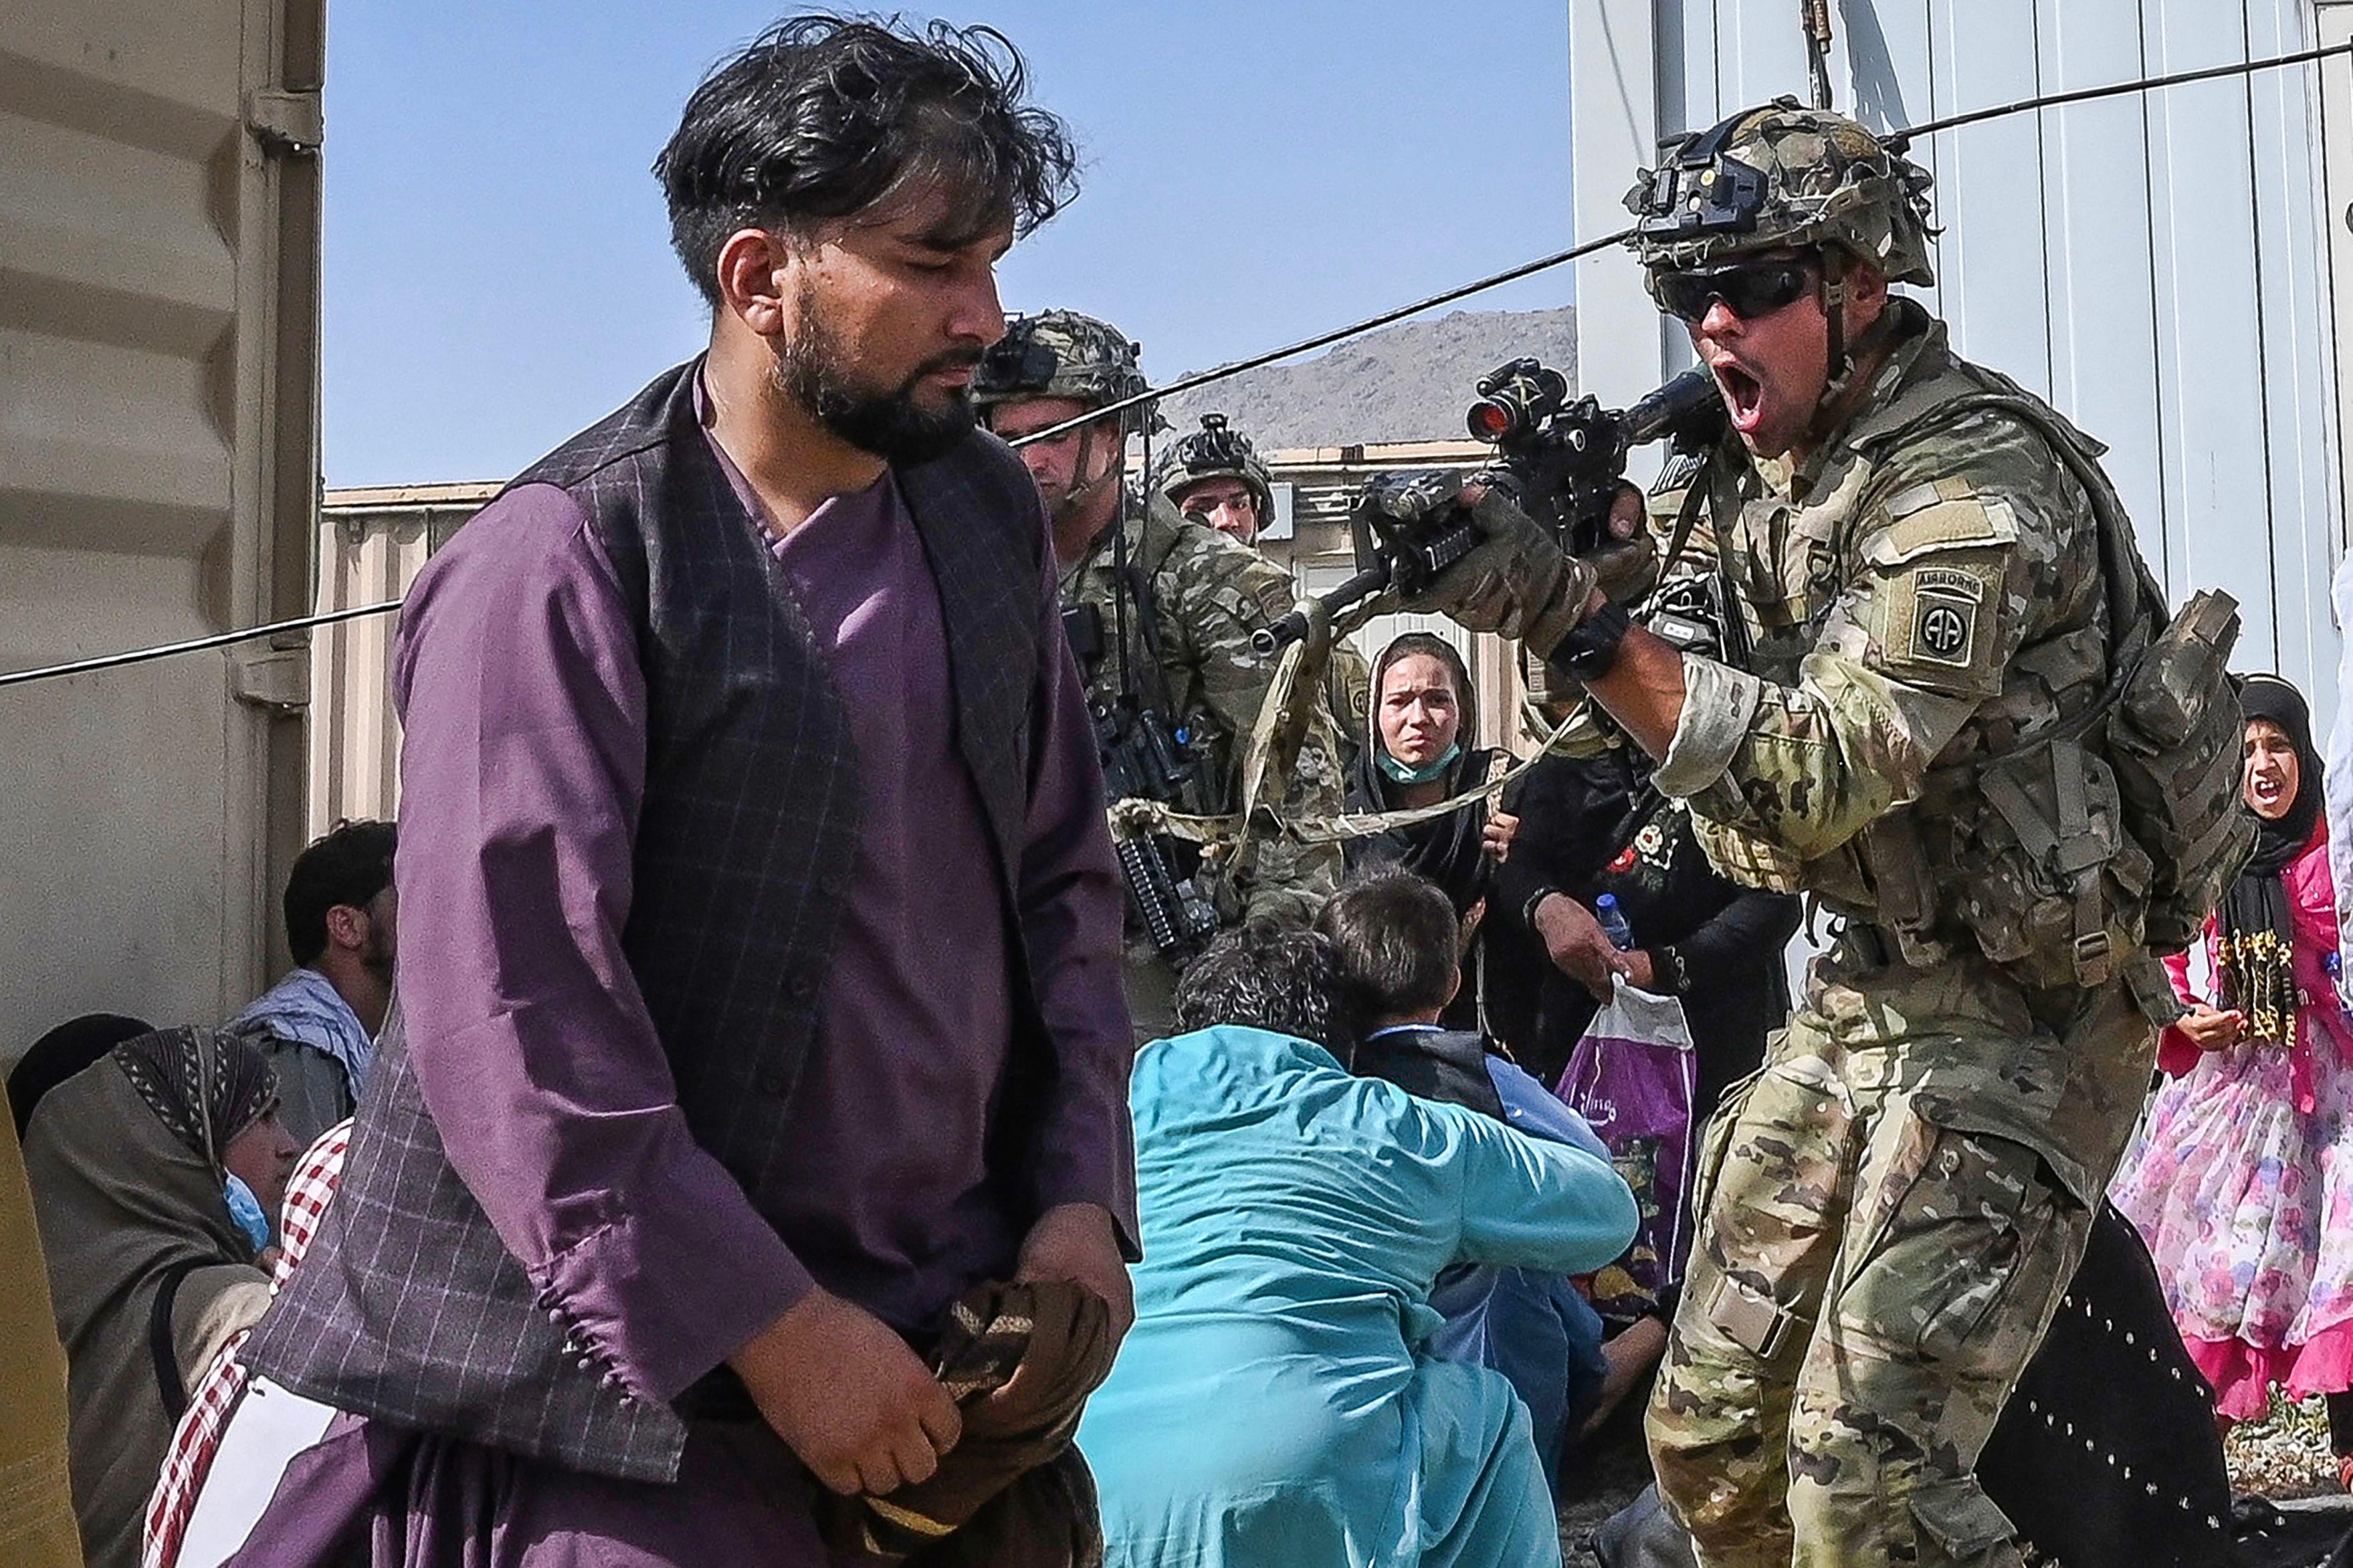 Un soldado estadounidense (C) apuntó su arma hacia un pasajero afgano en el aeropuerto de Kabul en Kabul el 16 de agosto de 2021, después de un final asombrosamente rápido de la guerra de 20 años de Afganistán, mientras miles de personas asaltaban el aeropuerto de la ciudad tratando de huir del grupo.